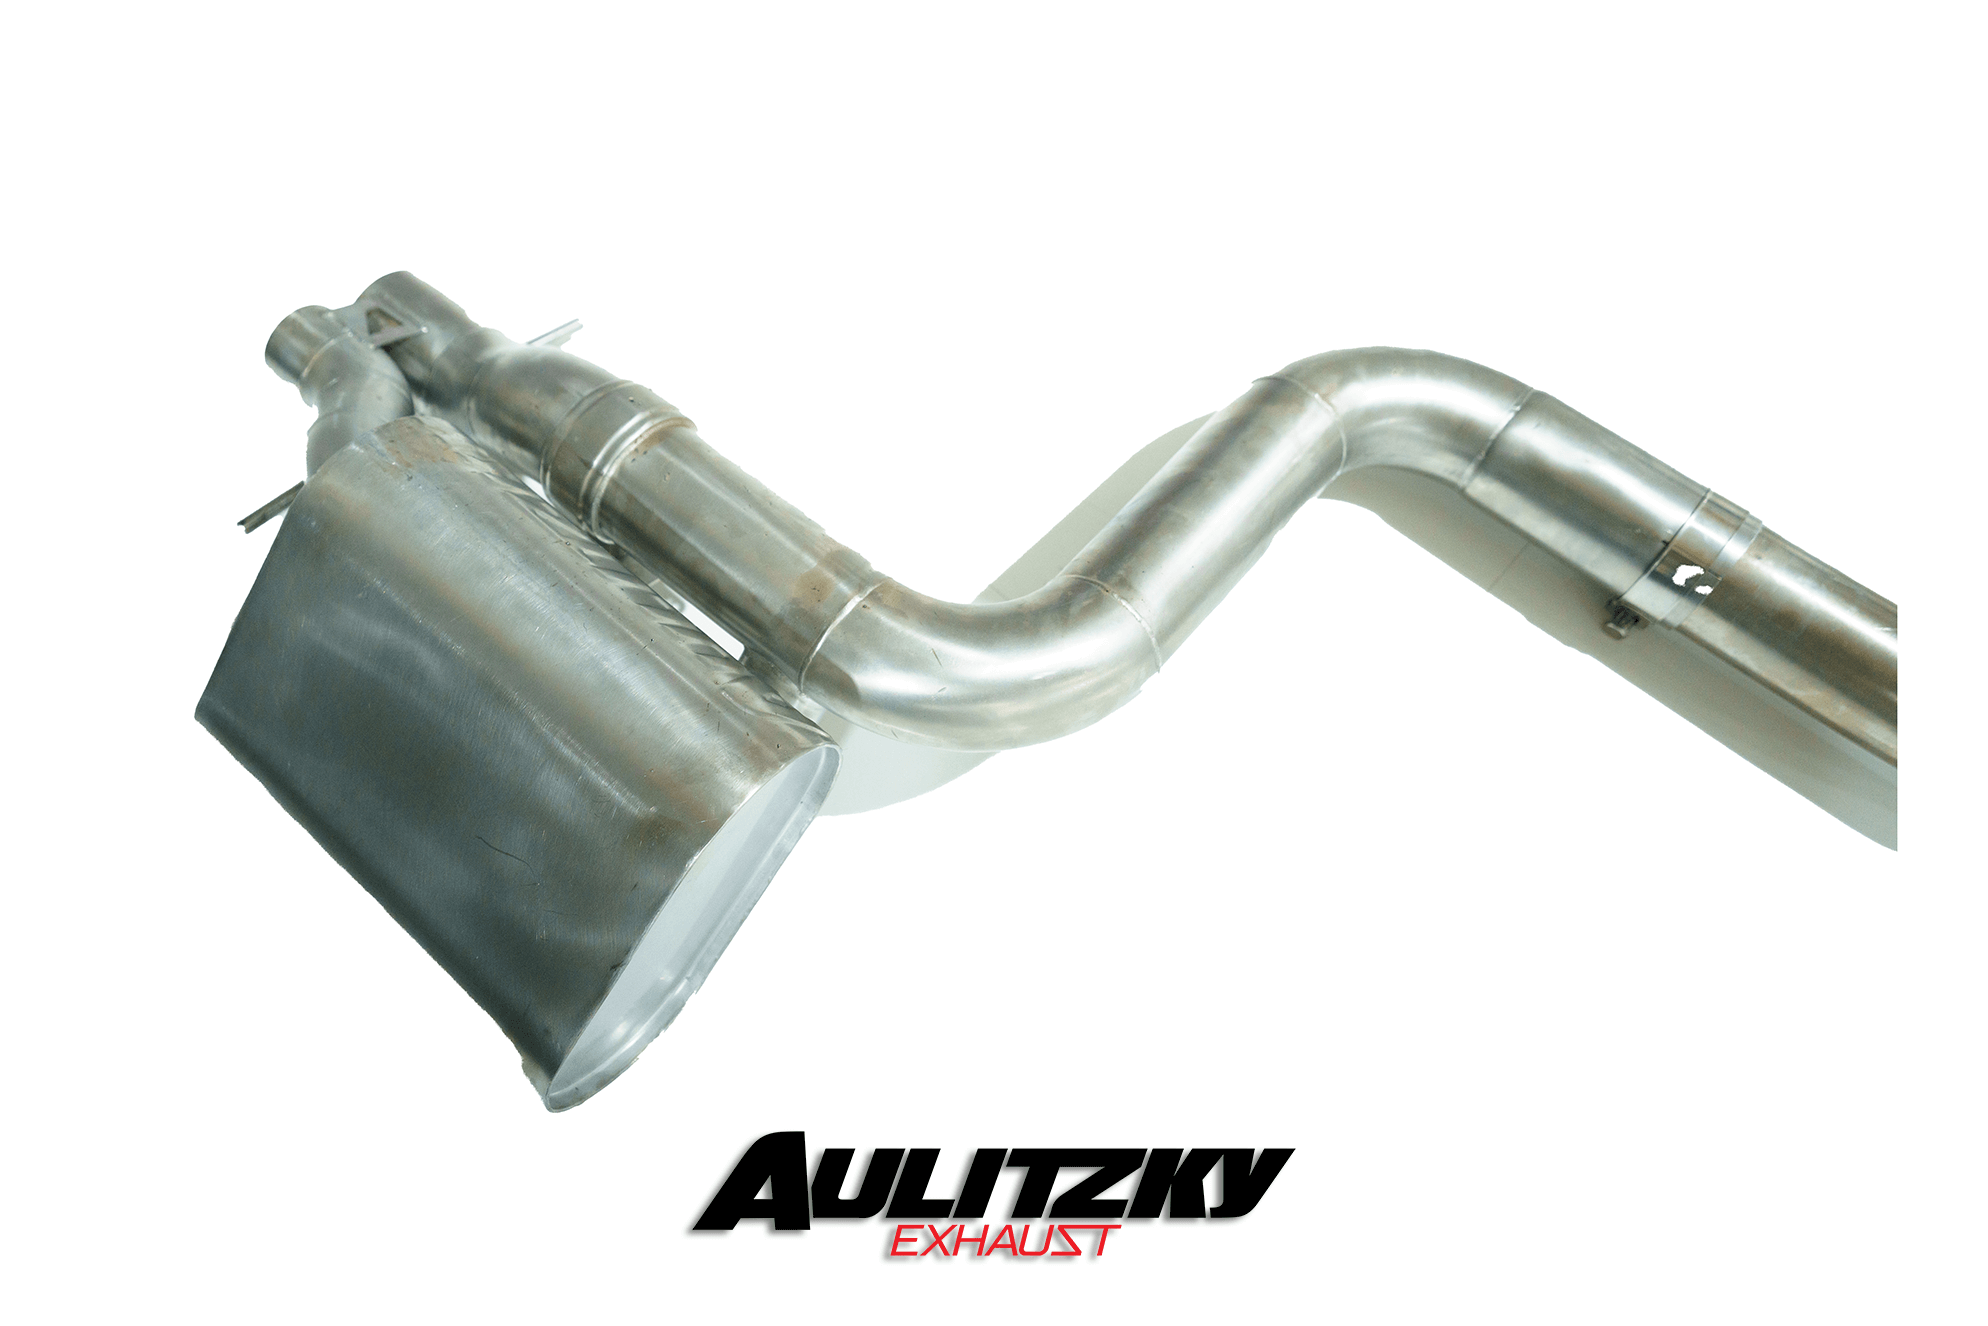 Aulitzky Exhaust | Mercedes-AMG C-Klasse | C43 AMG OPF |  W205/C205/S205 | Edelstahl Abgasanlage ab OPF mit Klappensteuerung